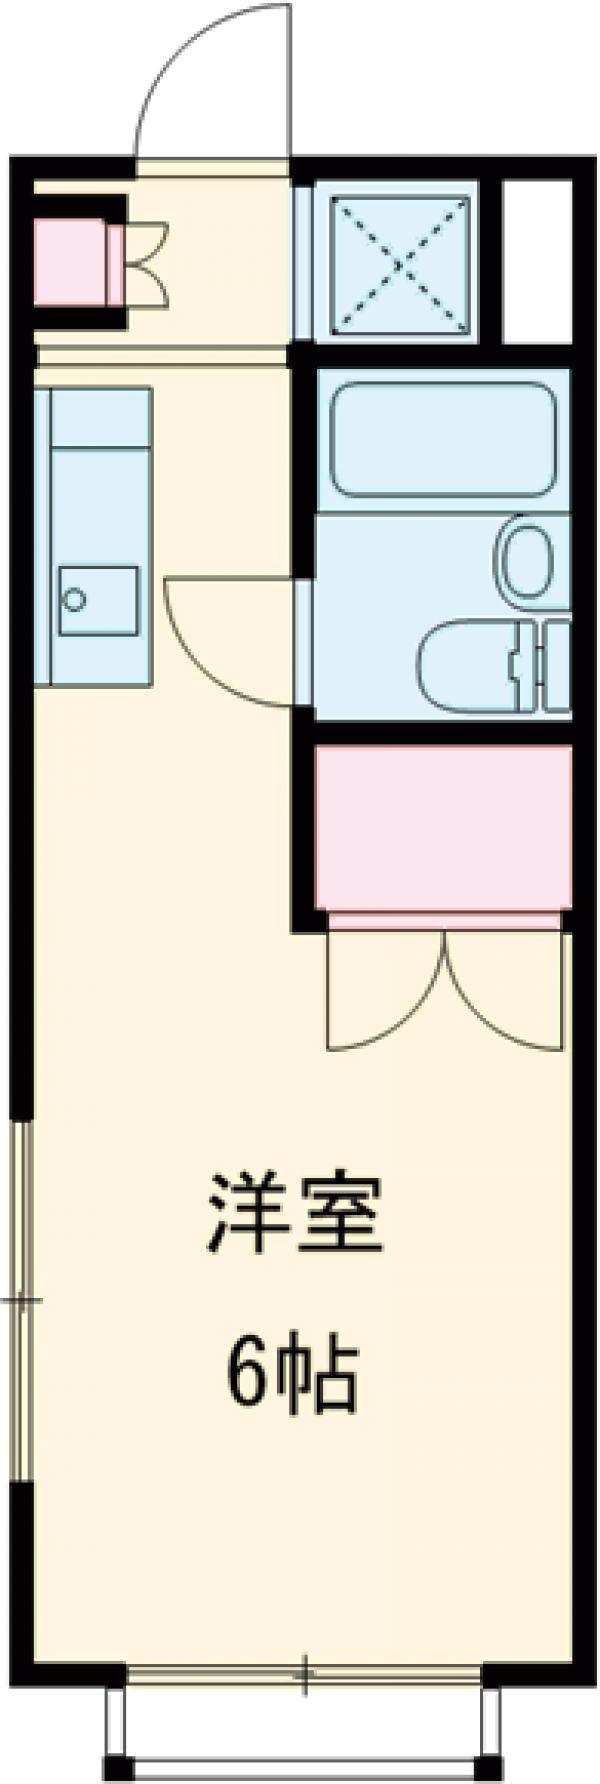 ハイムササキ 102号室の間取り